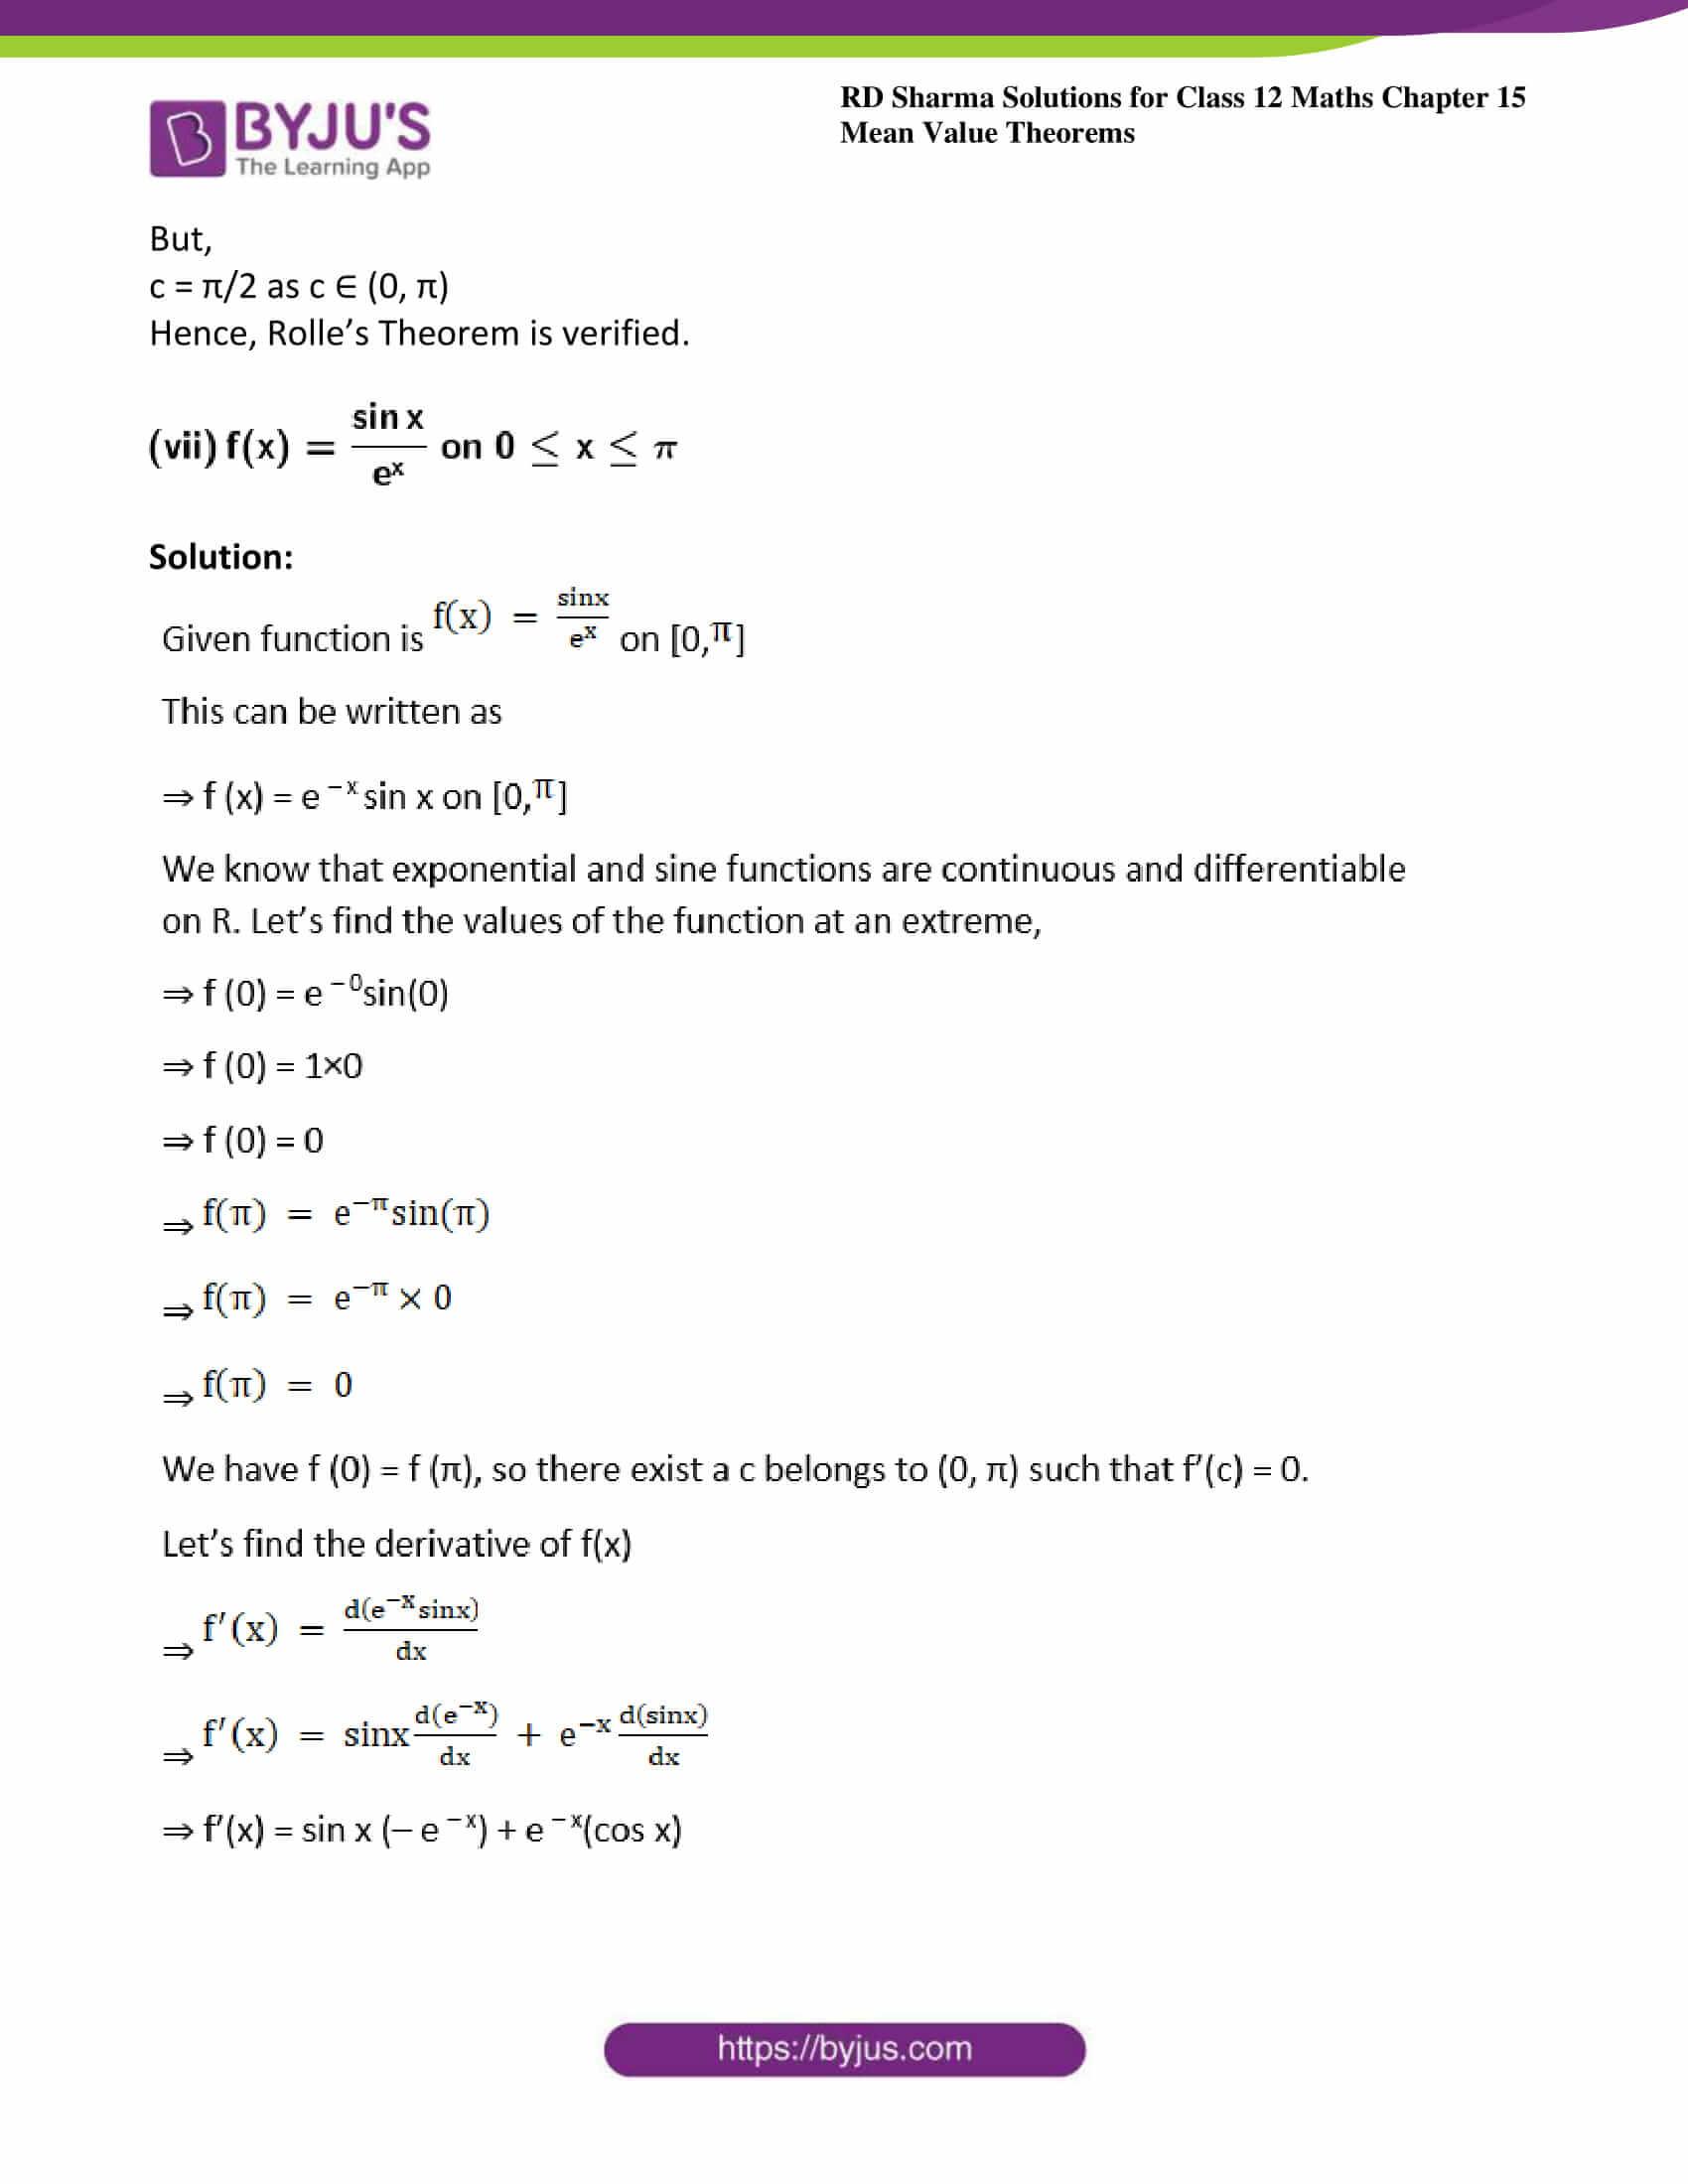 rd sharma class 12 maths solutions chapter 15 ex 1 22